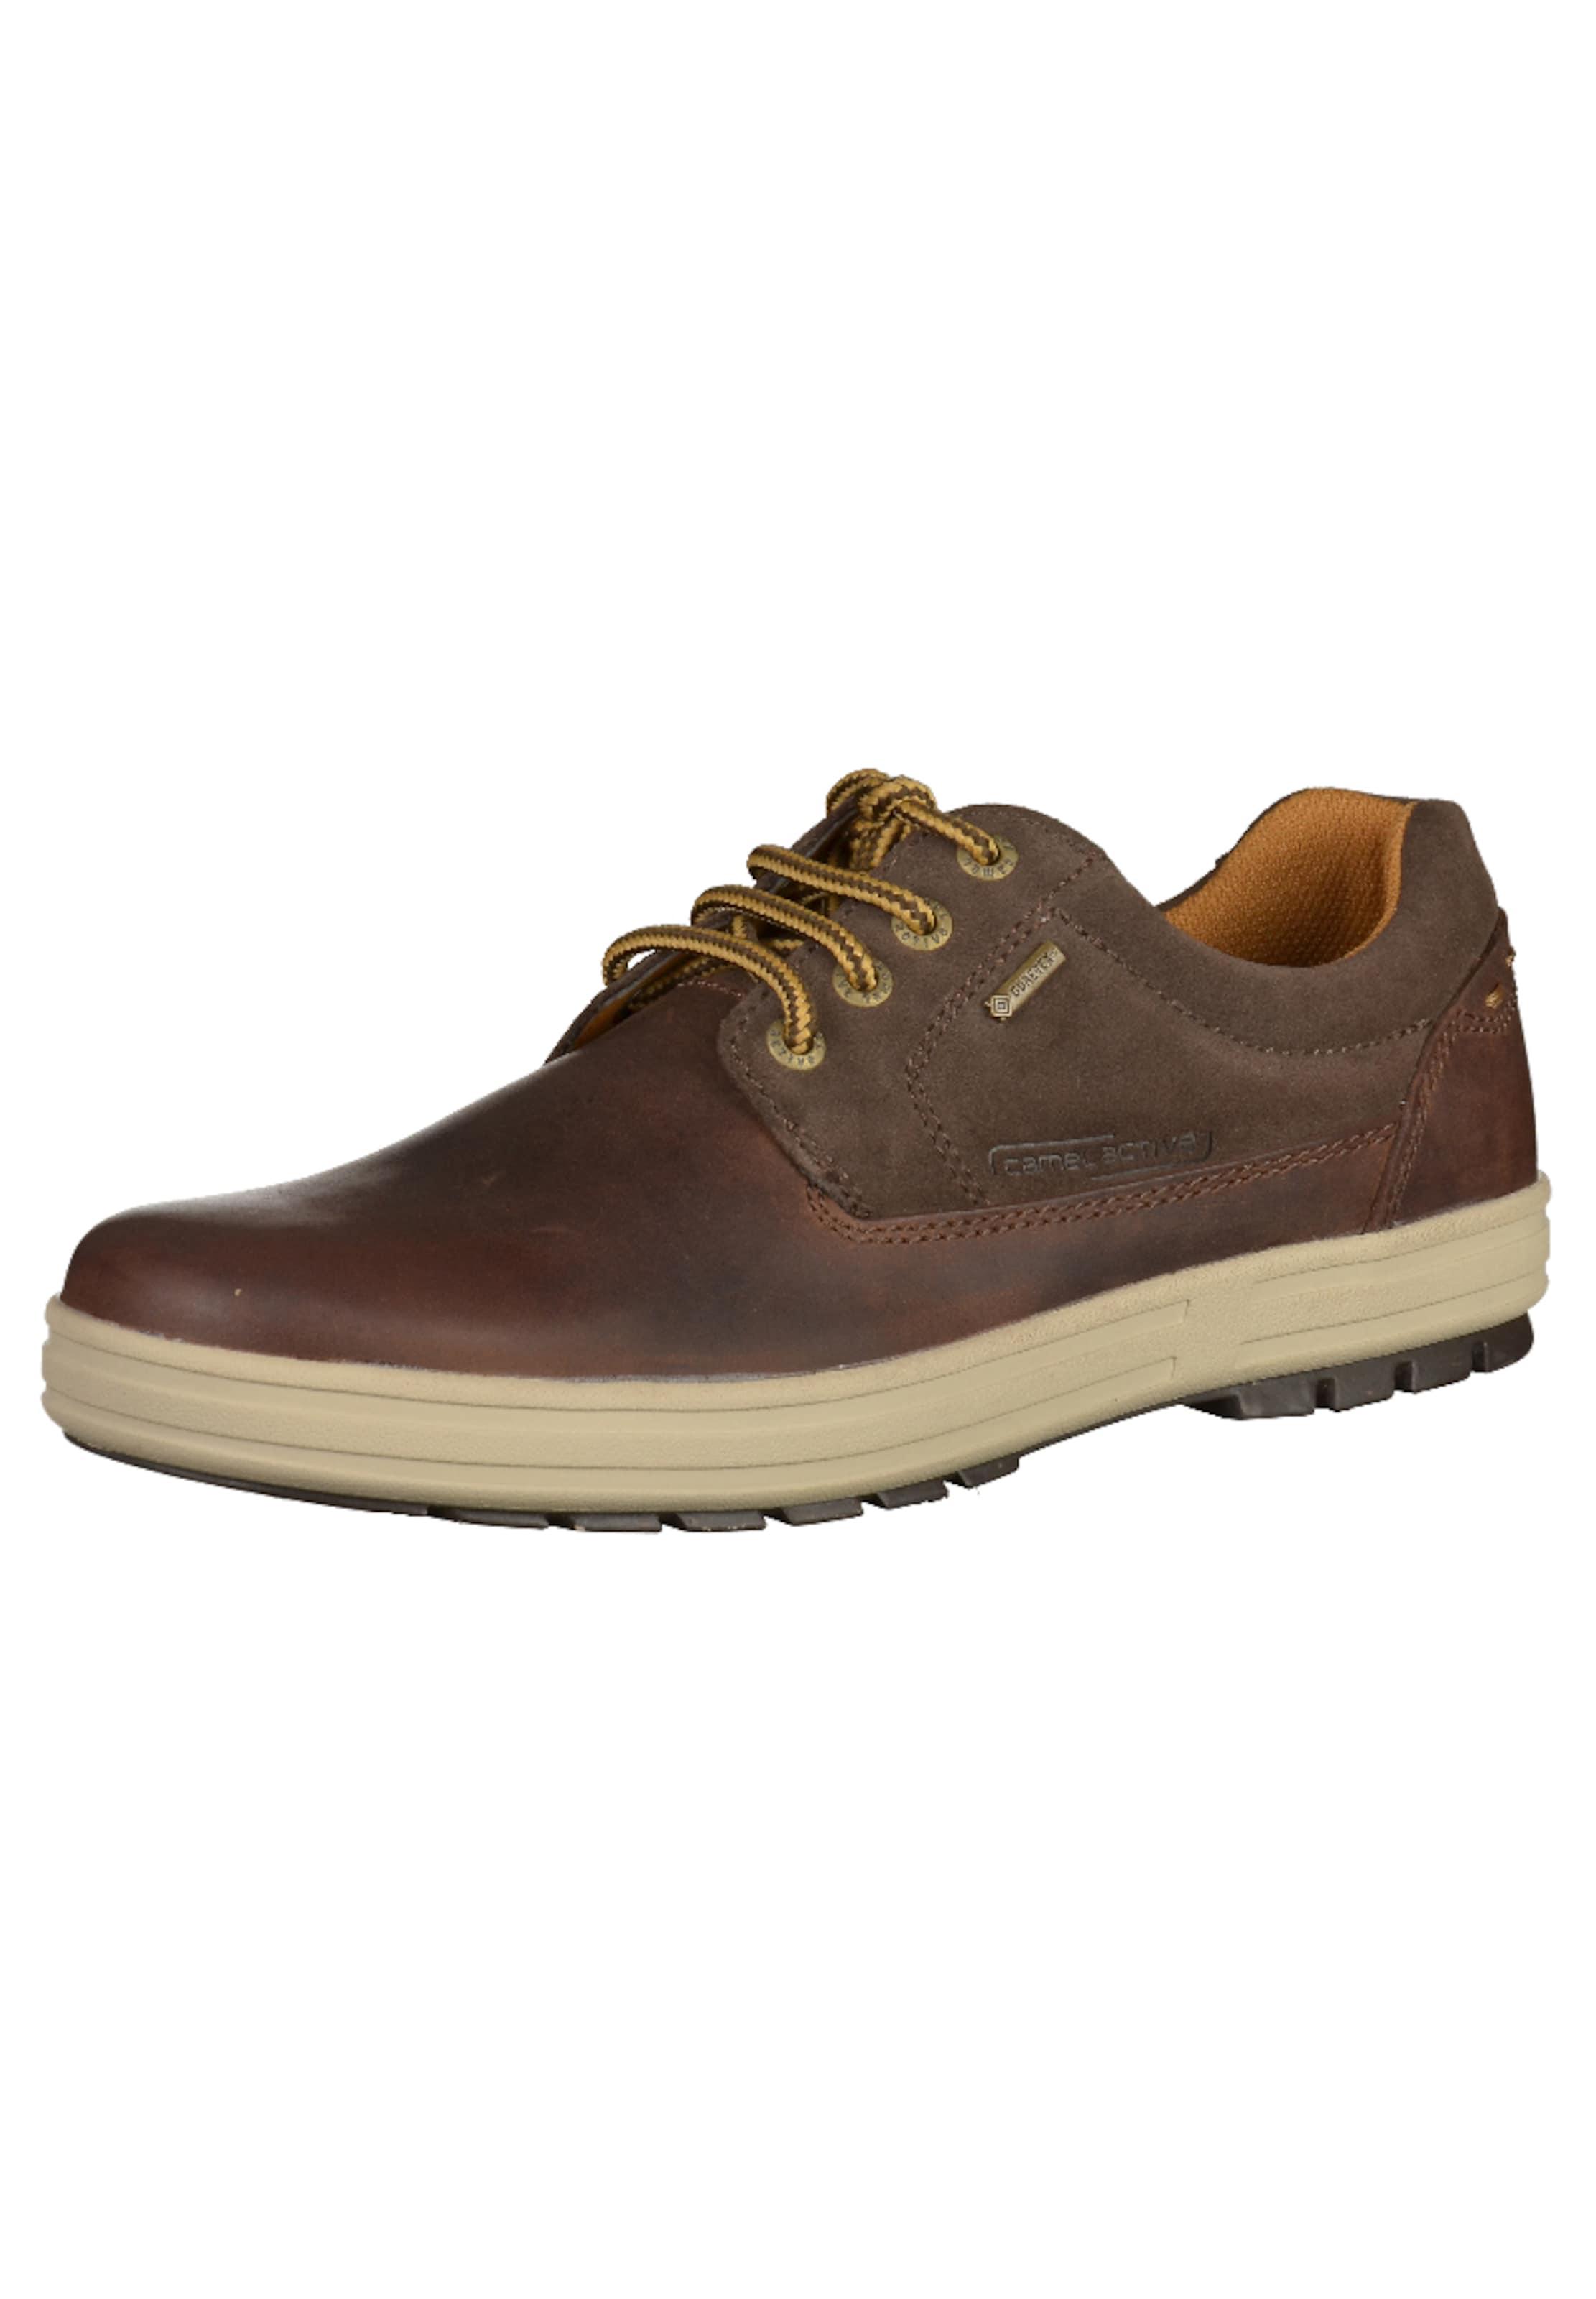 CAMEL ACTIVE Halbschuhe Günstige und langlebige Schuhe